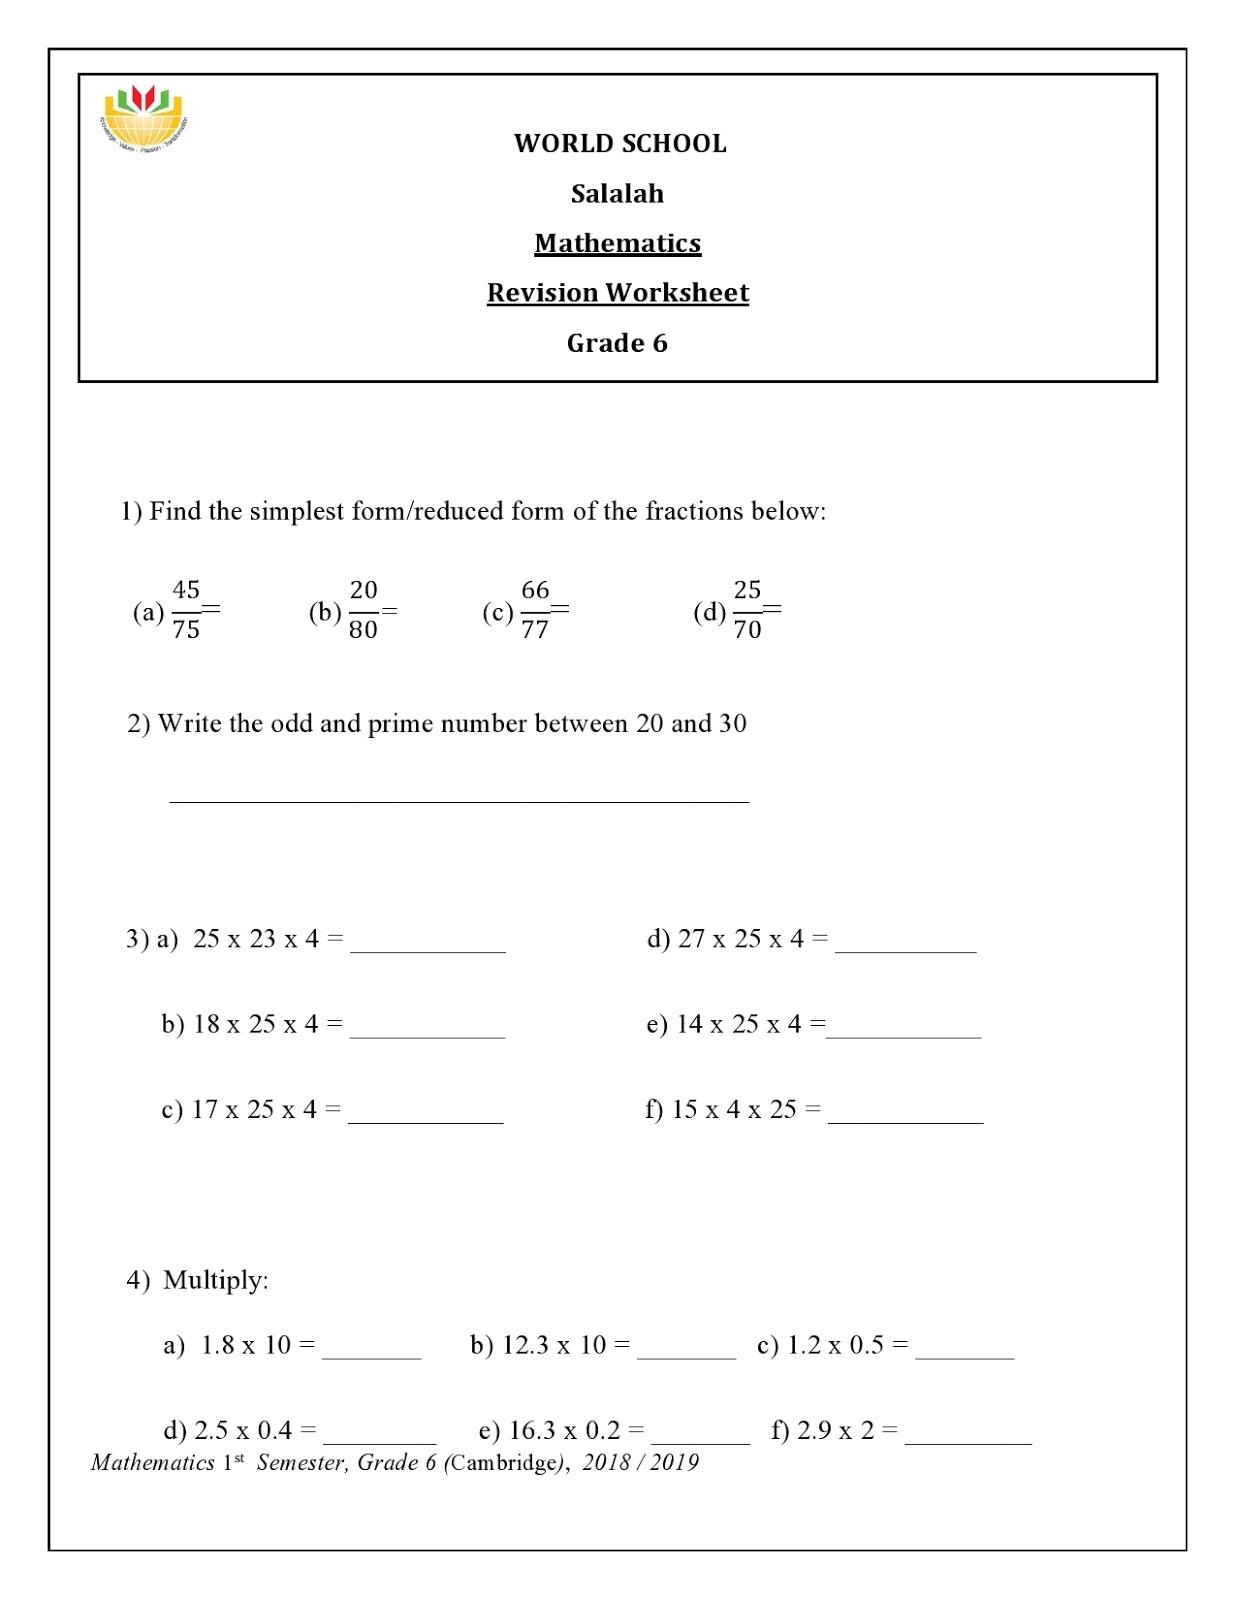 medium resolution of WORLD SCHOOL OMAN: Math Revision for Grade 6 as on 03-01-2019